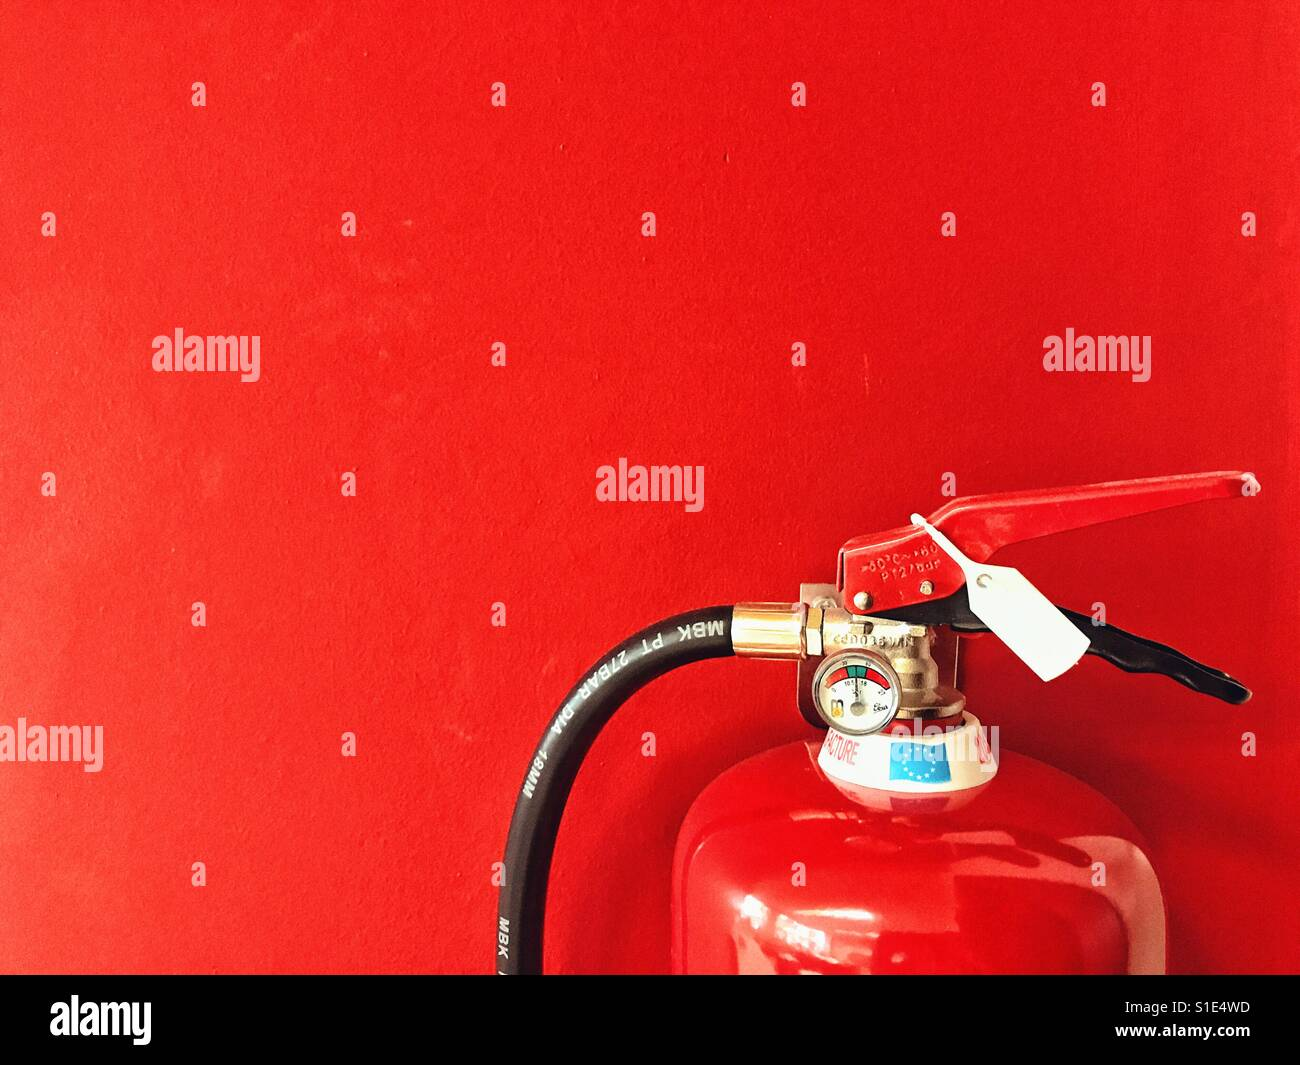 Estintore dettaglio contro uno sfondo rosso Immagini Stock